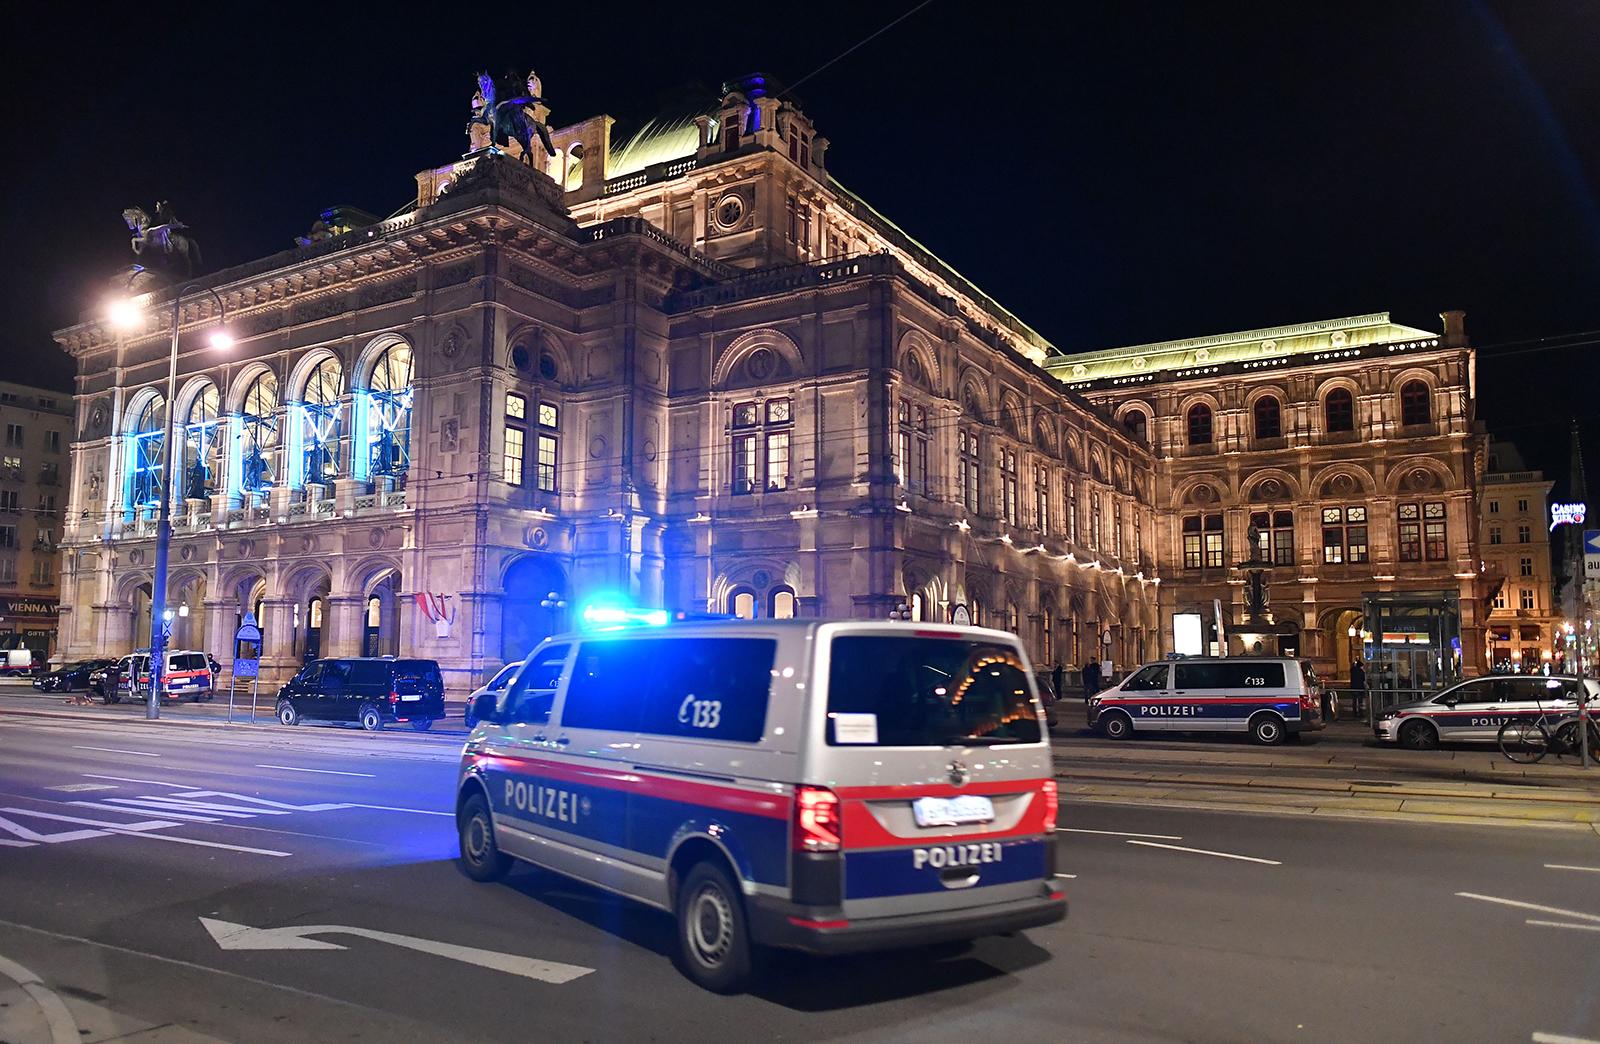 Террористический акт в центре Вены. Что известно на данный момент